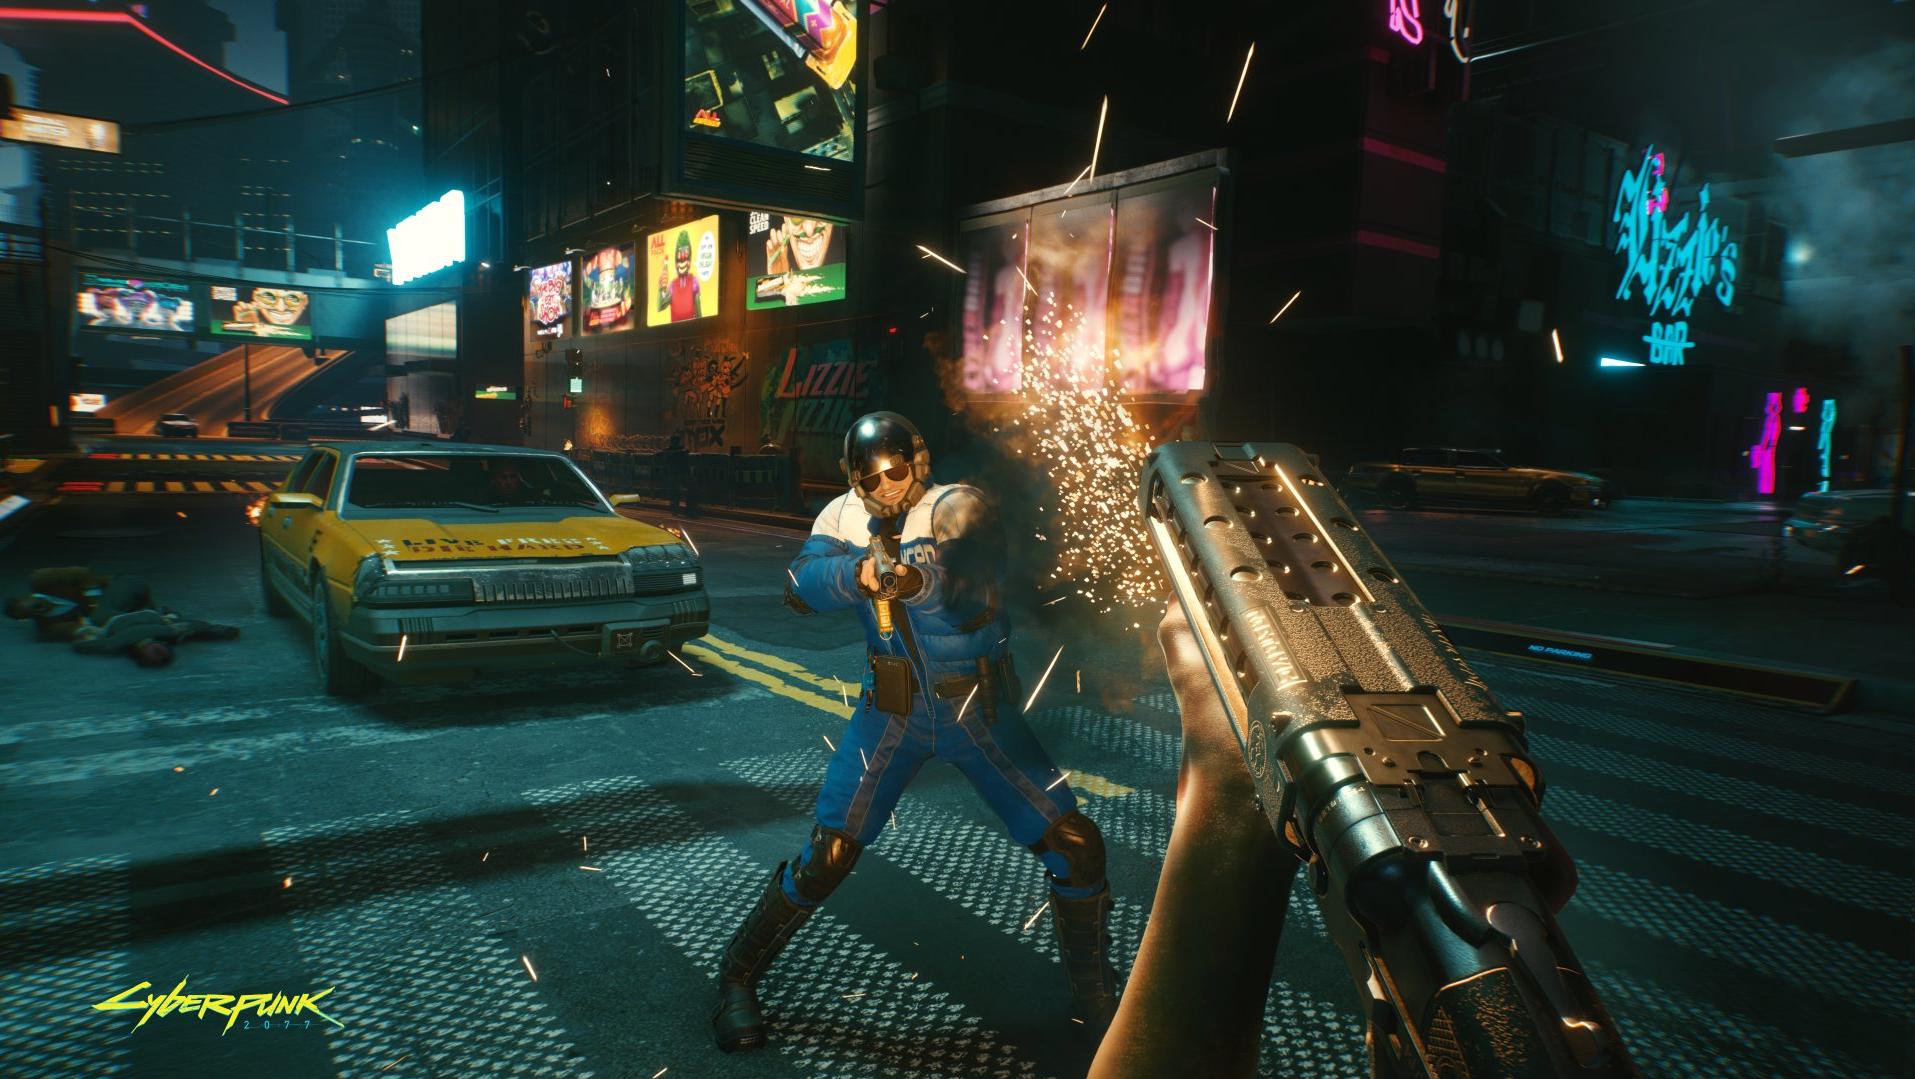 CD Projekt готовят замену GTA Online? Первые подробности о мультиплеере Cyberpunk 2077 от датамайнеров